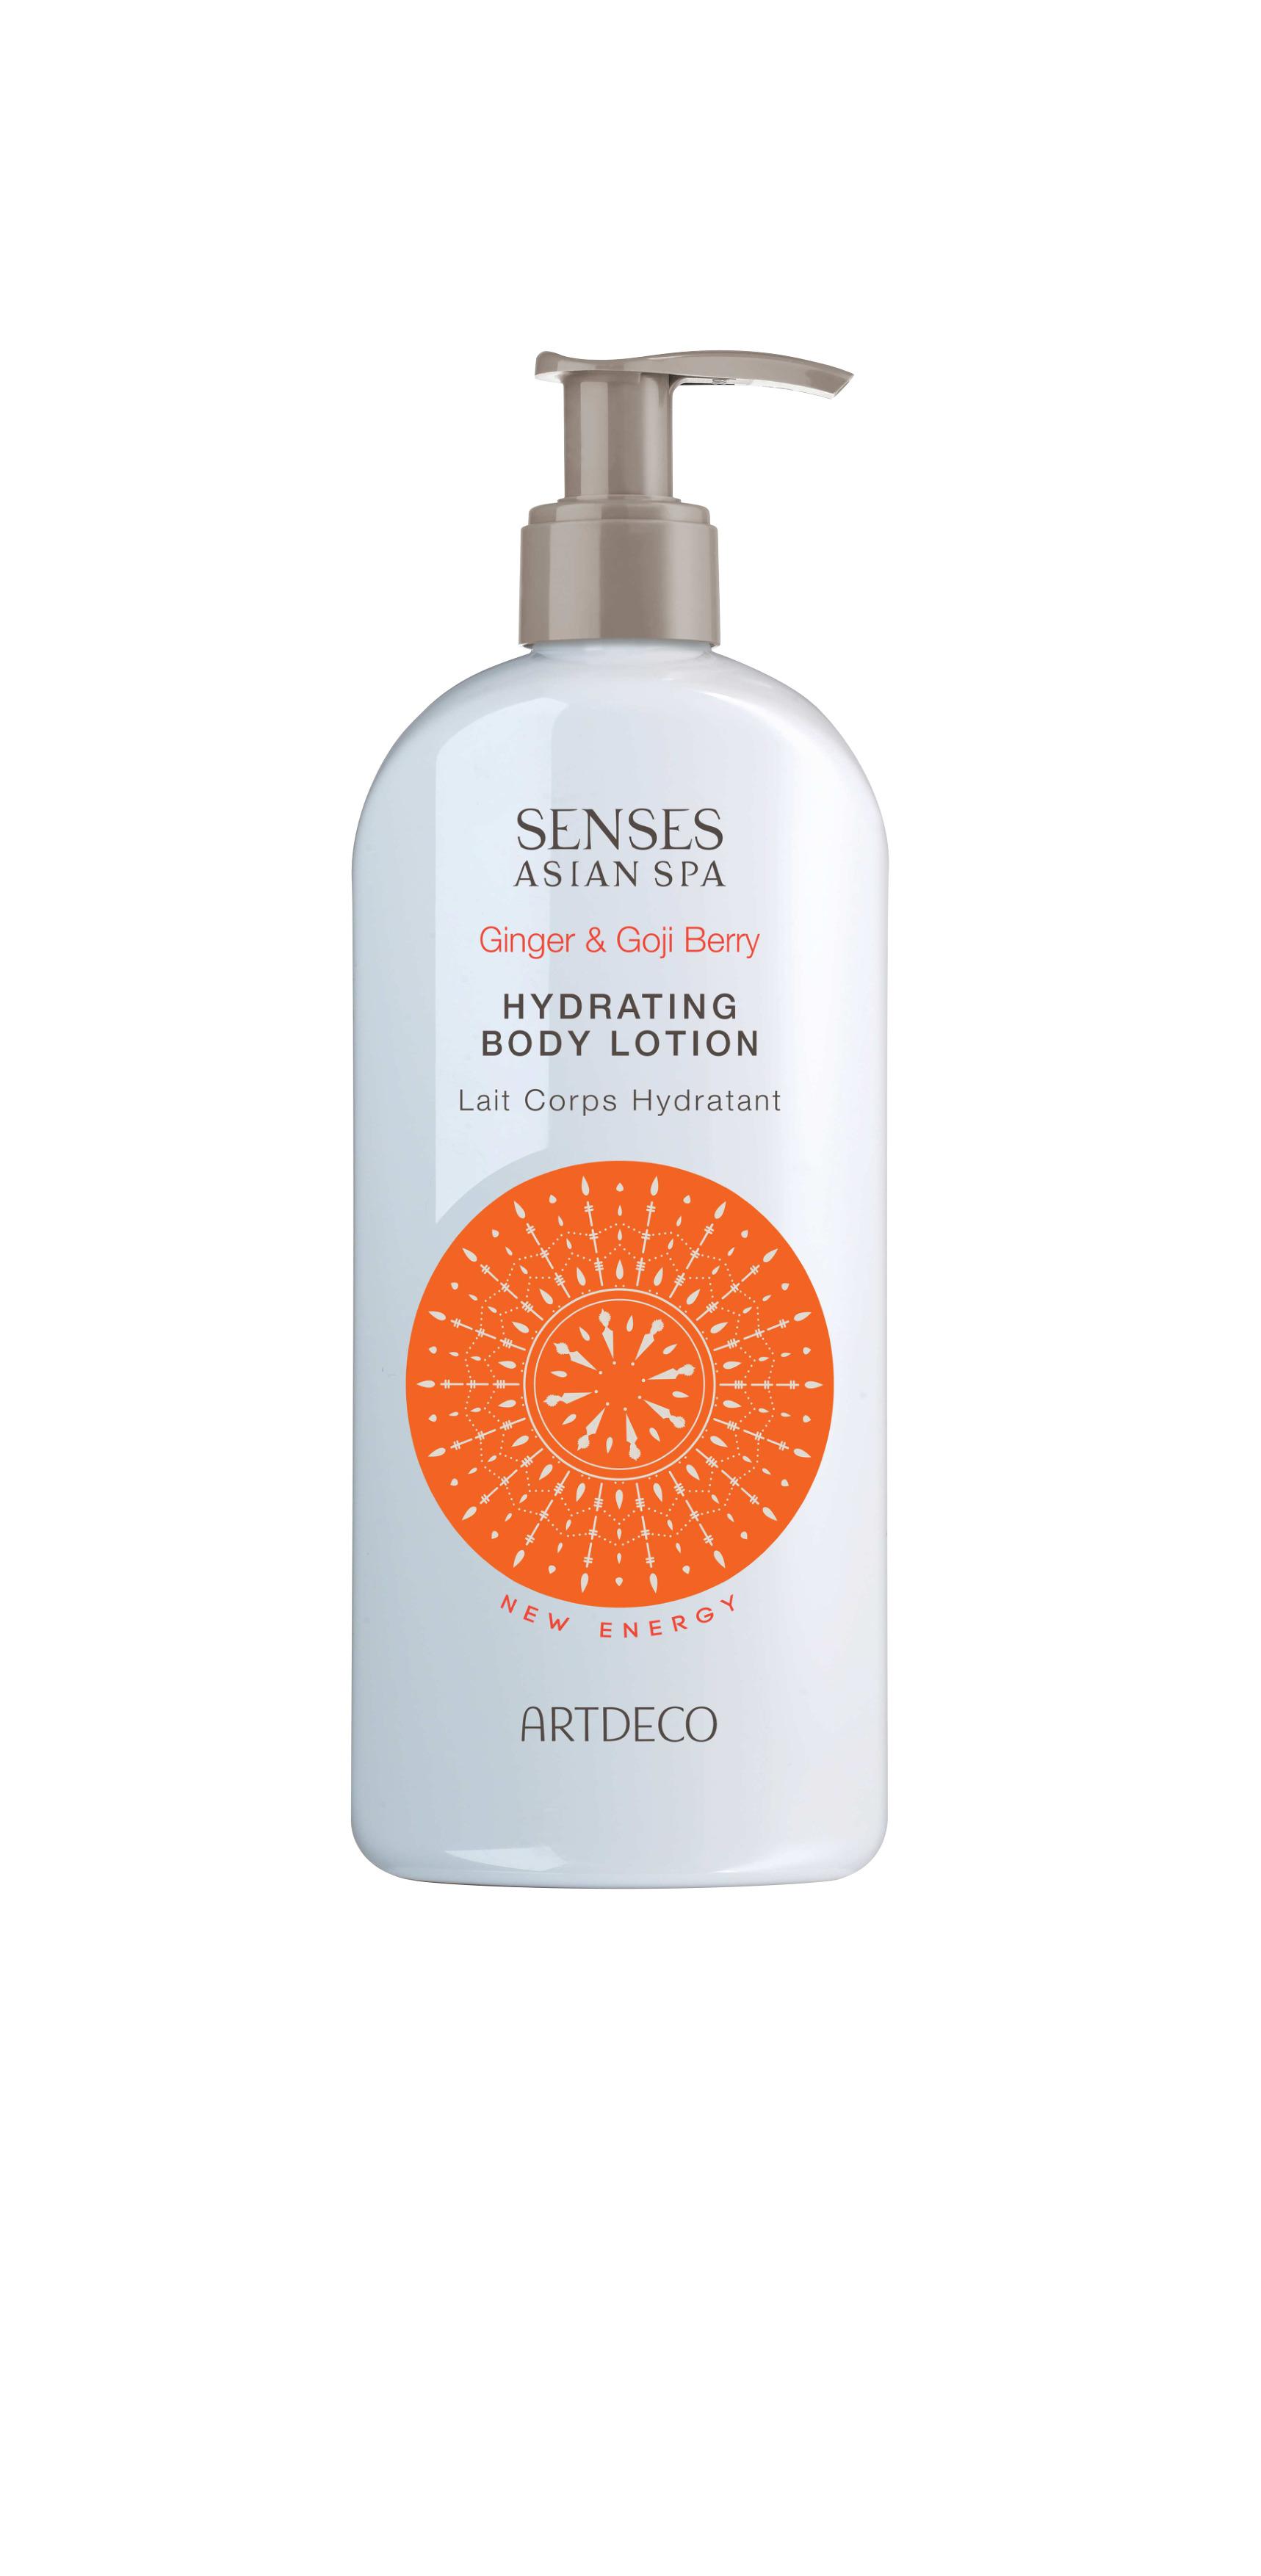 Artdeco лосьон для тела увлажняющий Hydrating body lotion, new energy, 200 мл65104.3Интенсивно увлажняетДелает кожу нежной, как шелк